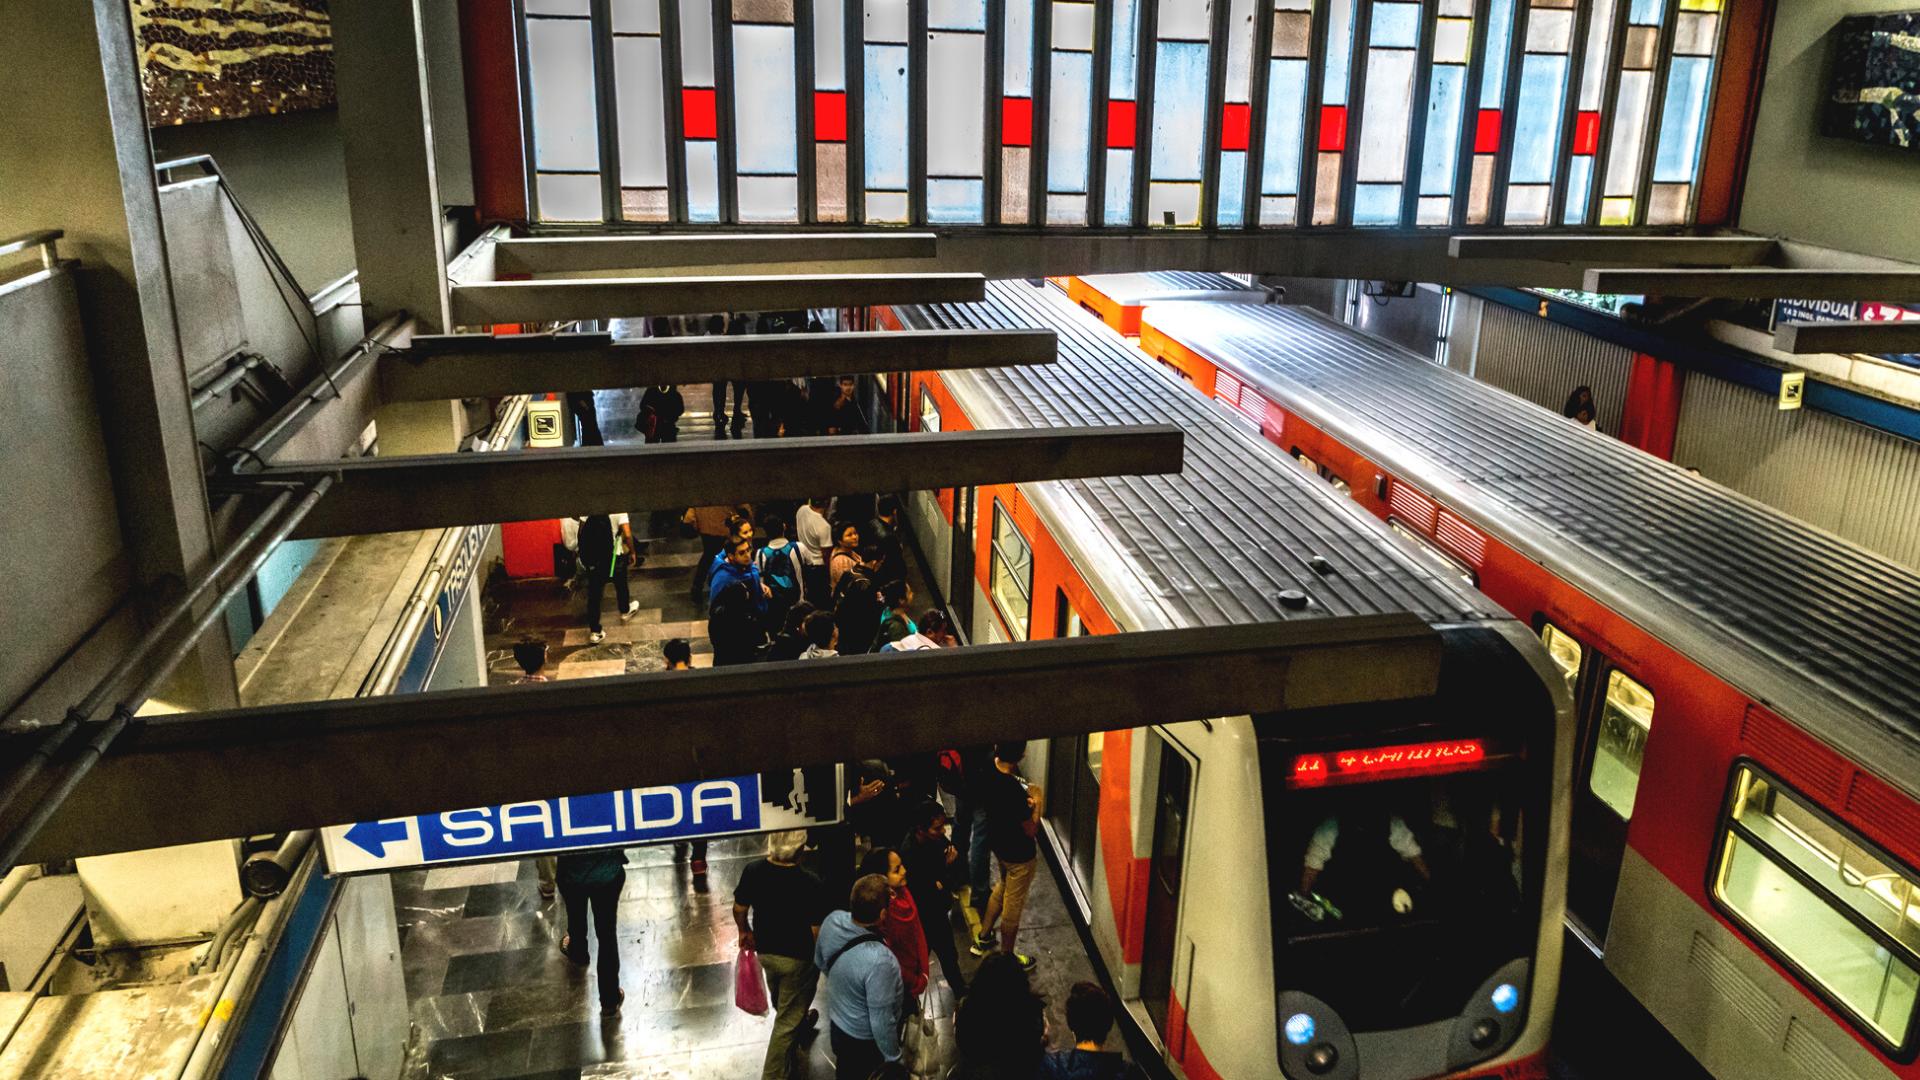 ¿Cuál es el seguro al viajar en Metro y cómo es su cobertura?